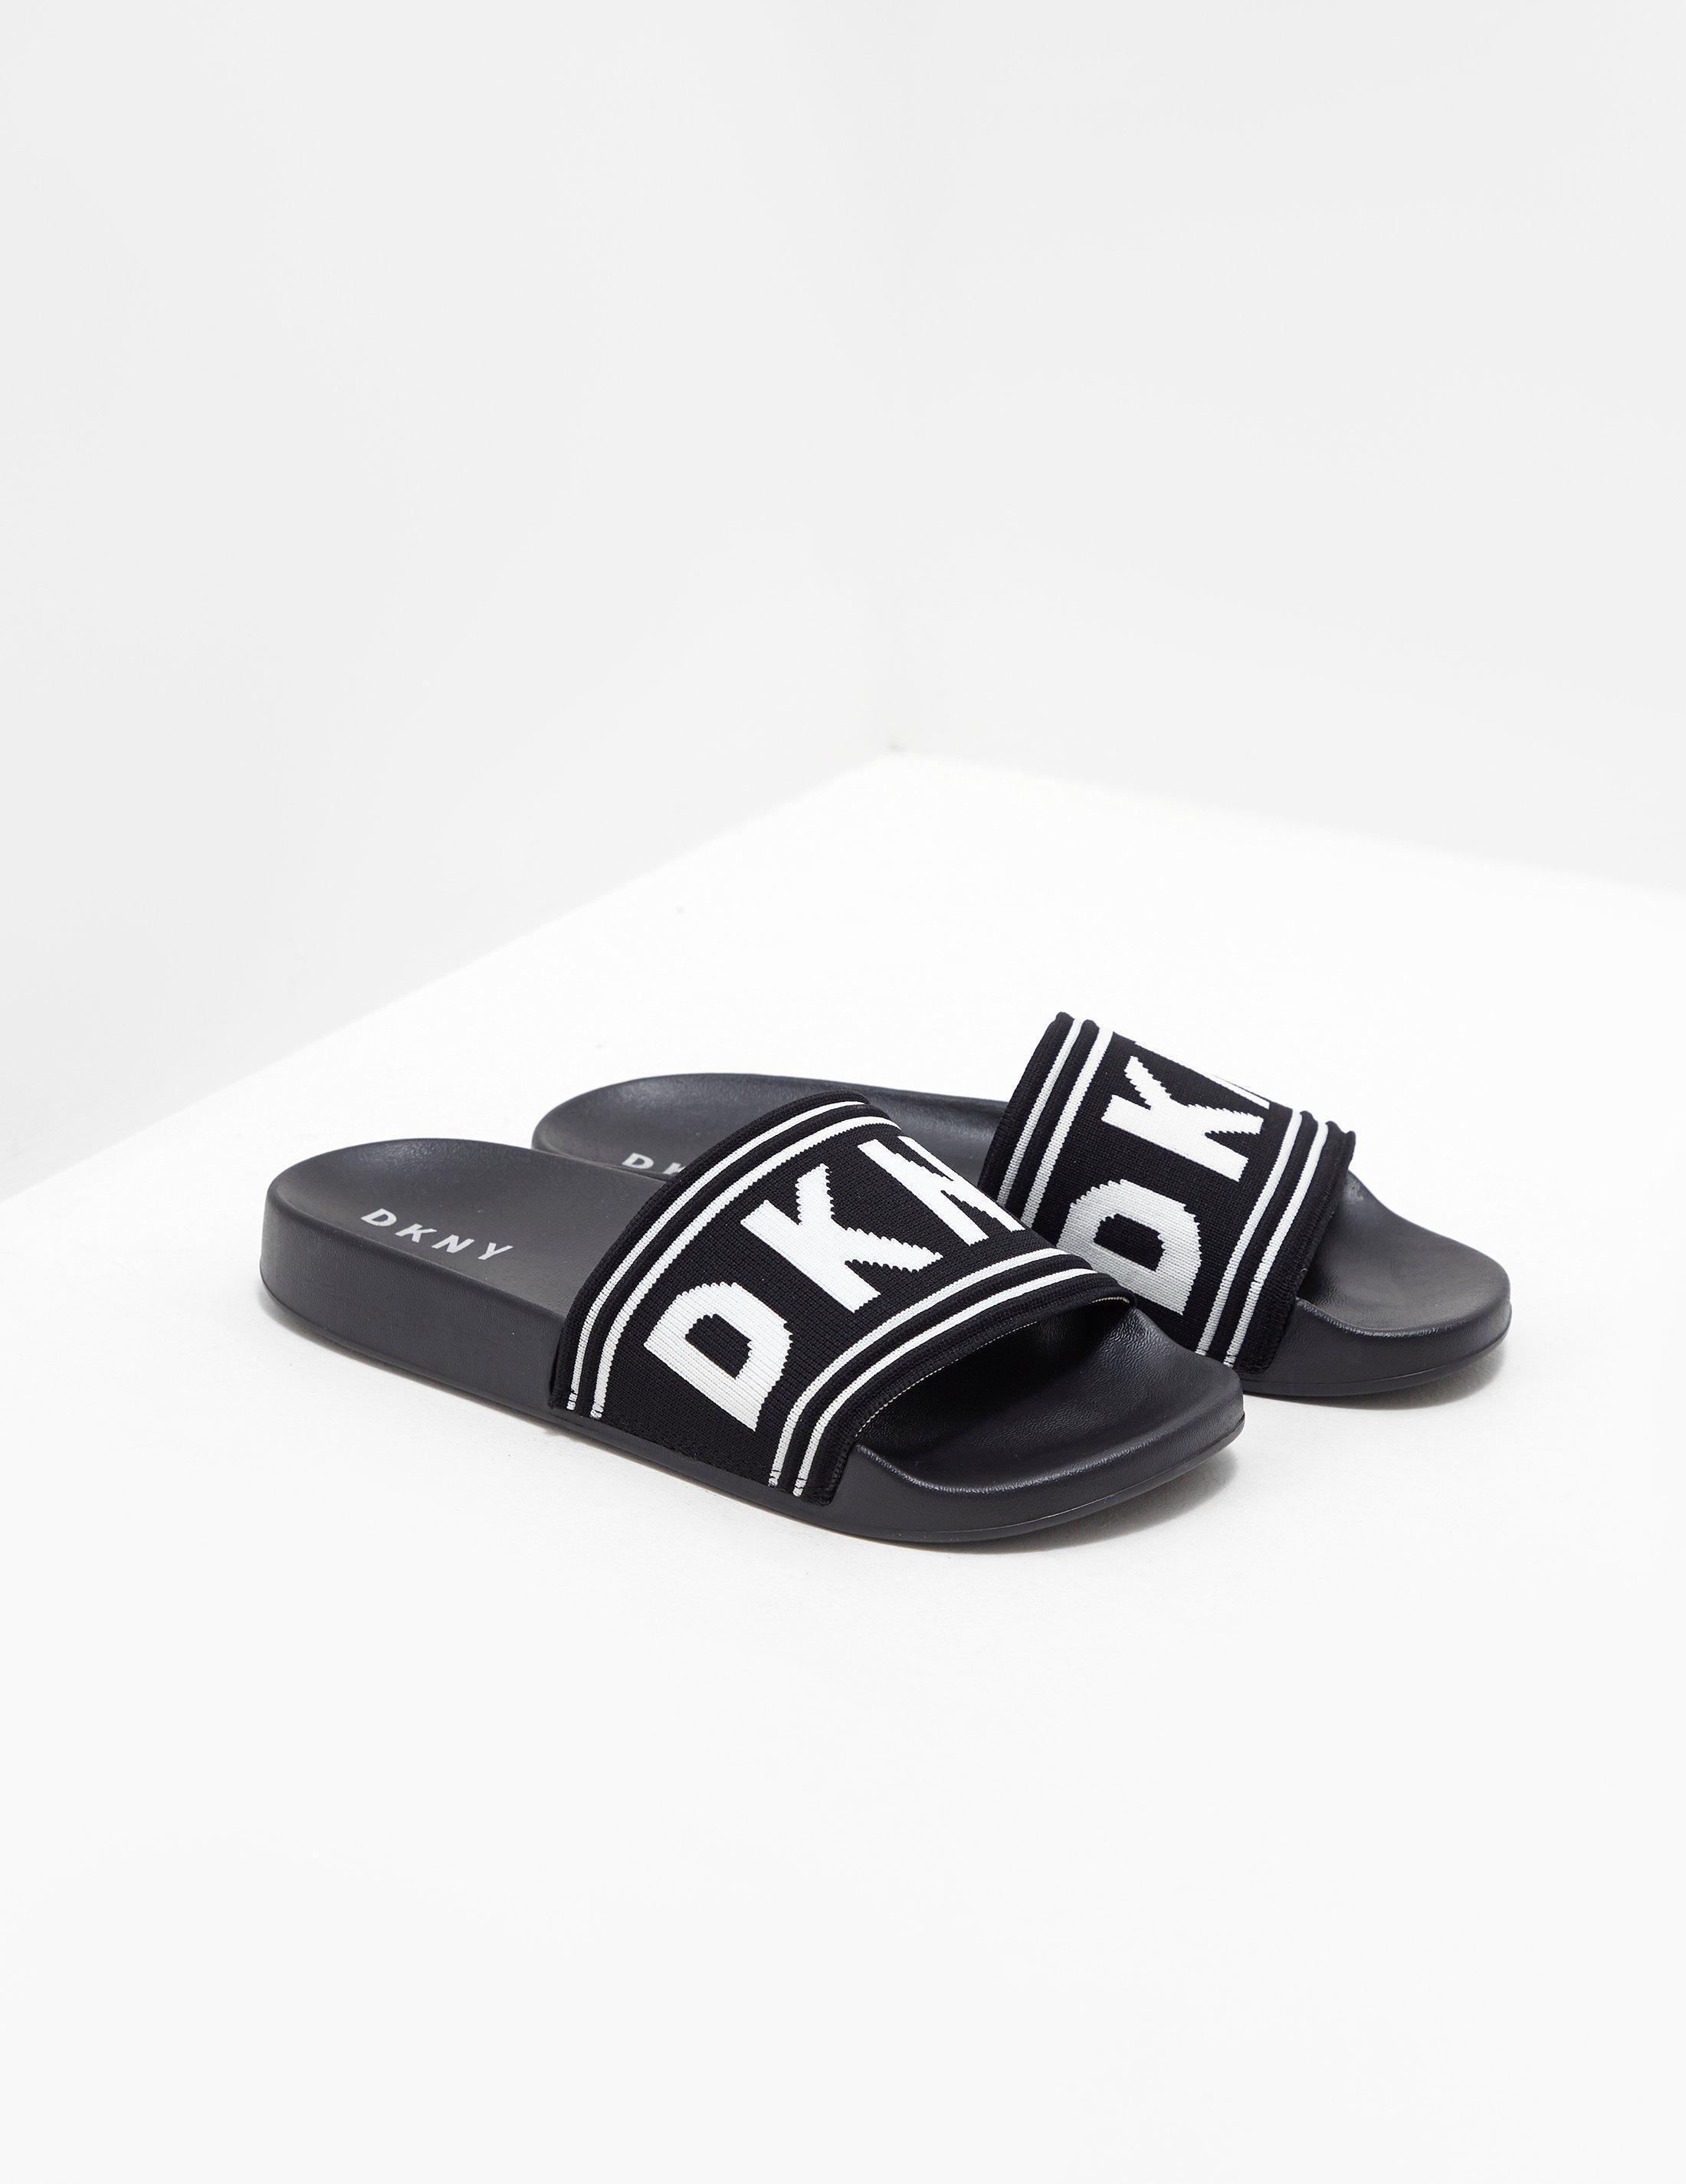 93738c99db3d DKNY Sandals in Black - Lyst